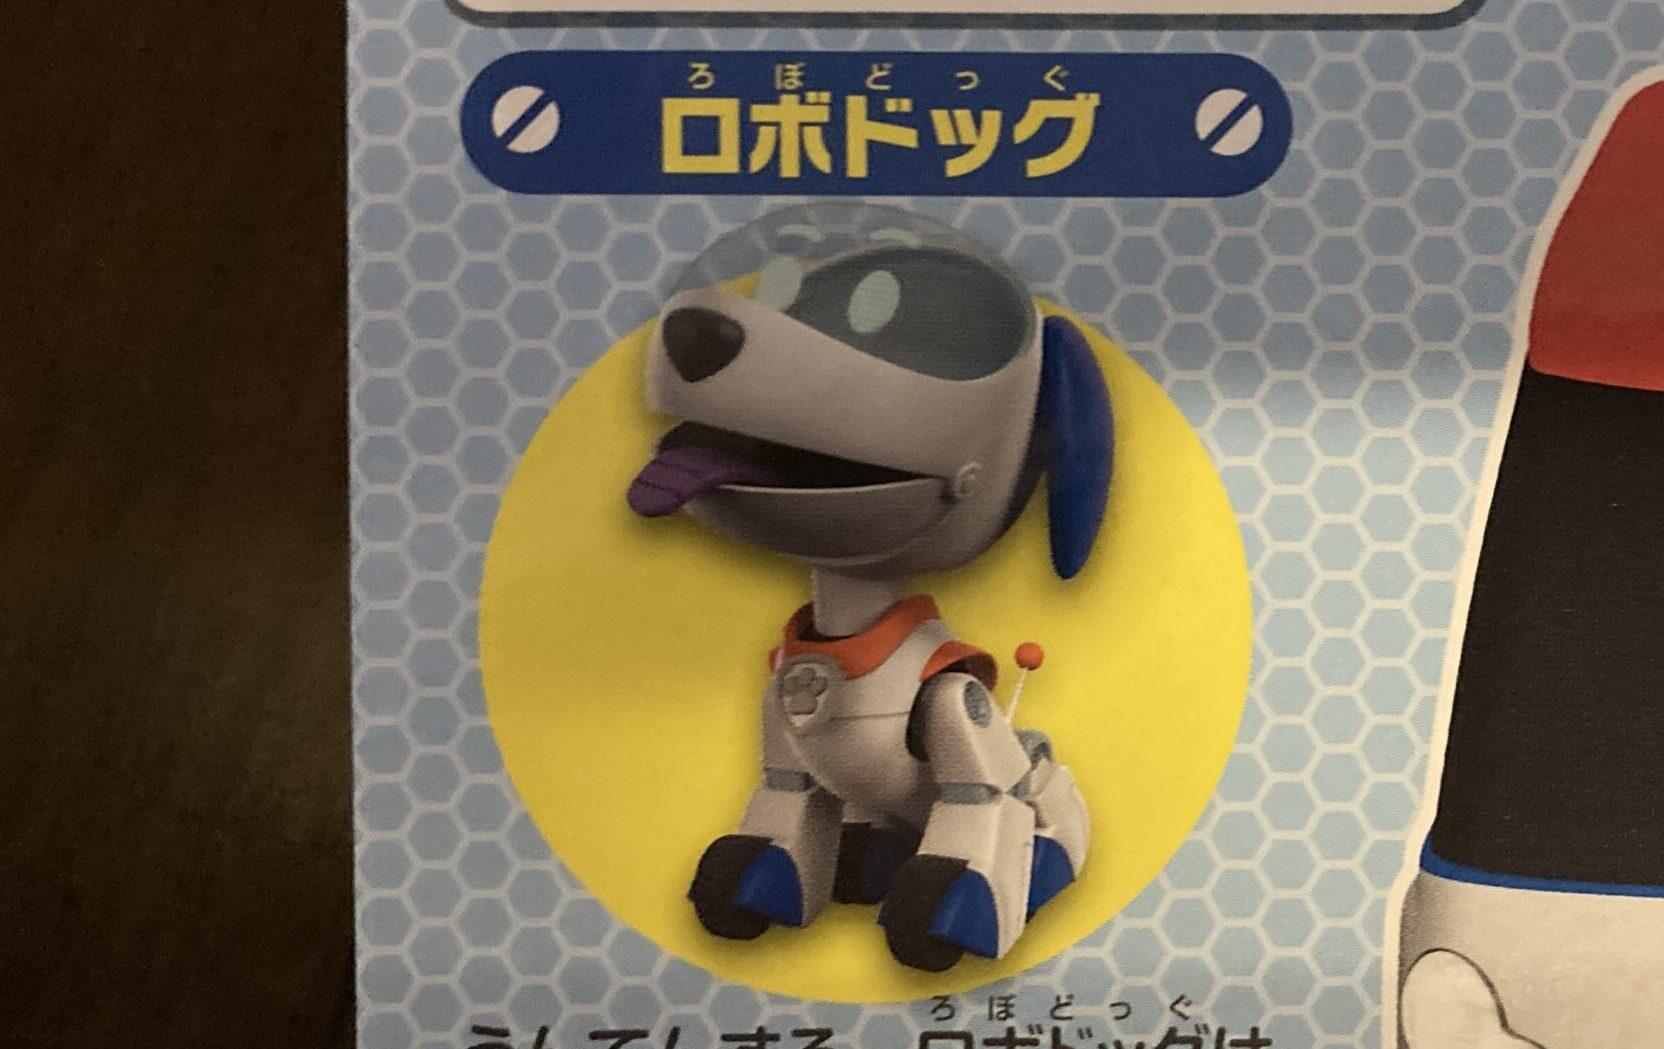 【パウパトロール】ロボドッグの開発者や好きなもの知ってる?おもちゃのイメージ画像1